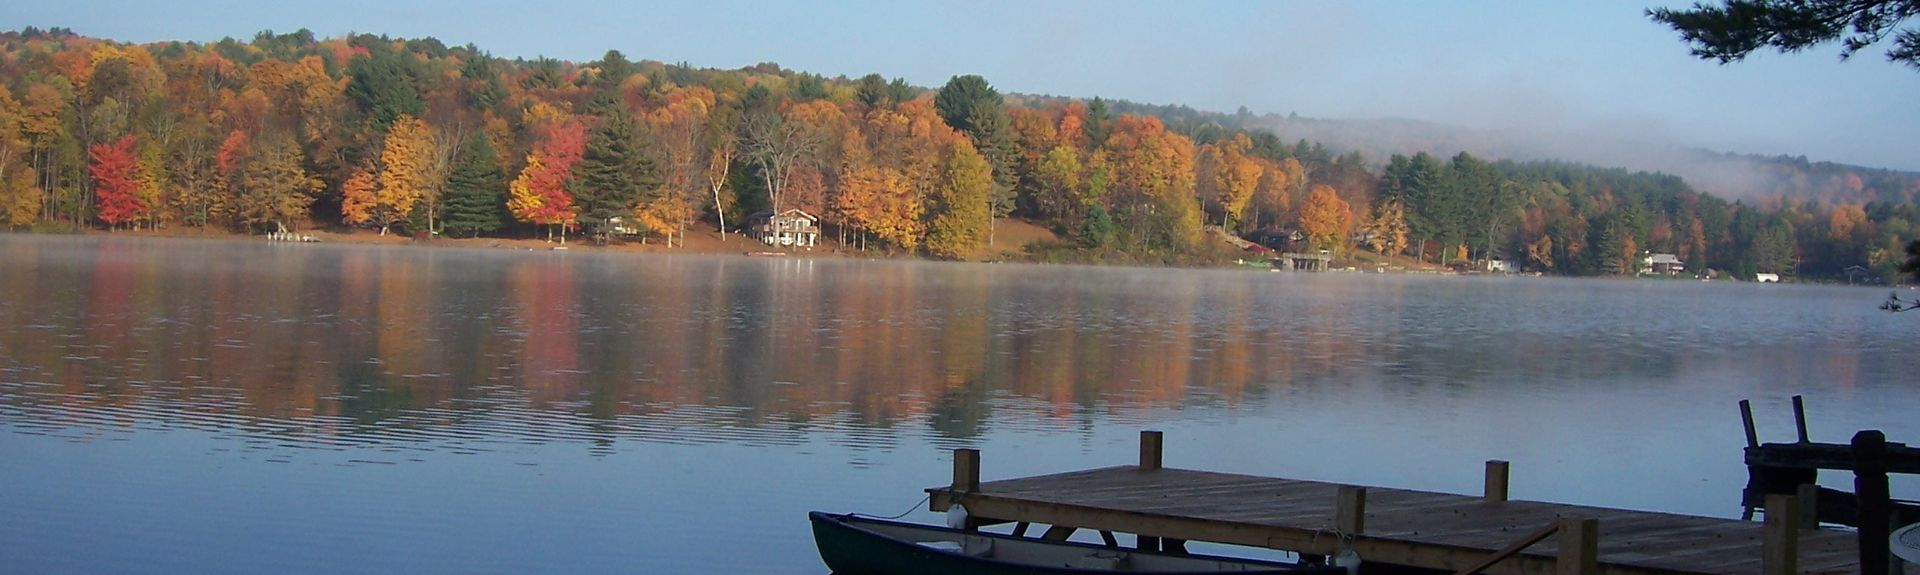 Glens Falls, NY, USA